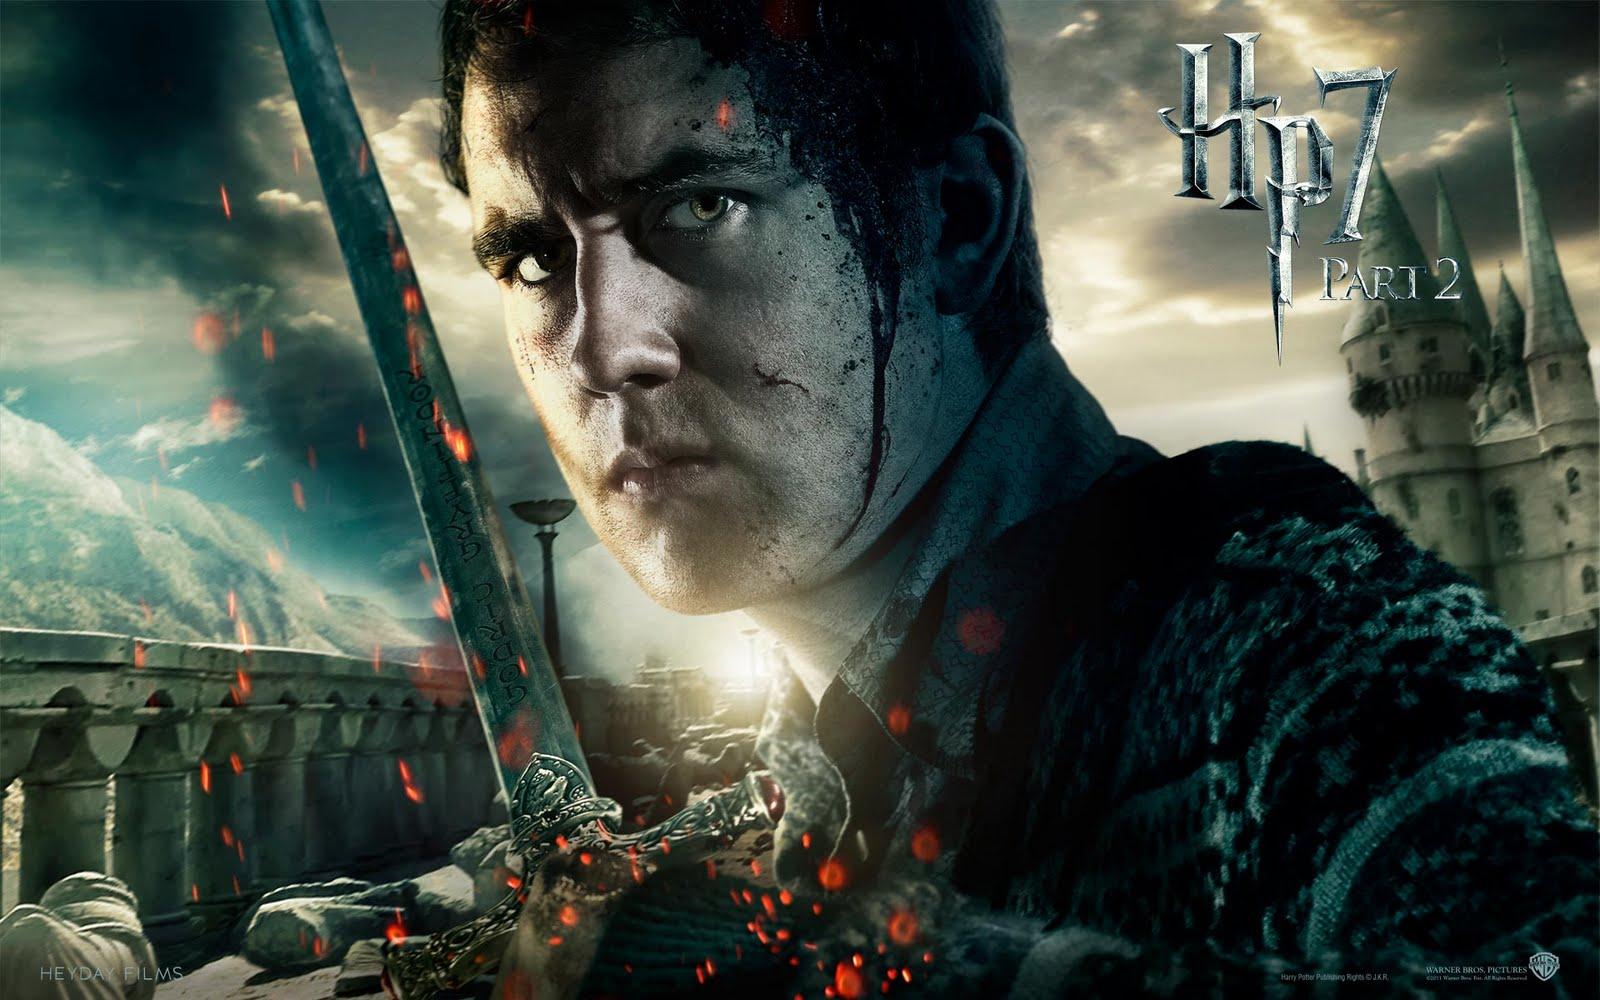 http://2.bp.blogspot.com/-R2G9AM_OFQE/Th0O2KspicI/AAAAAAAAARk/_ZtdYn21gYM/s1600/Harry-Potter-and-The-Deathly-Hallows-Part-2-Wallpapers-12.jpg